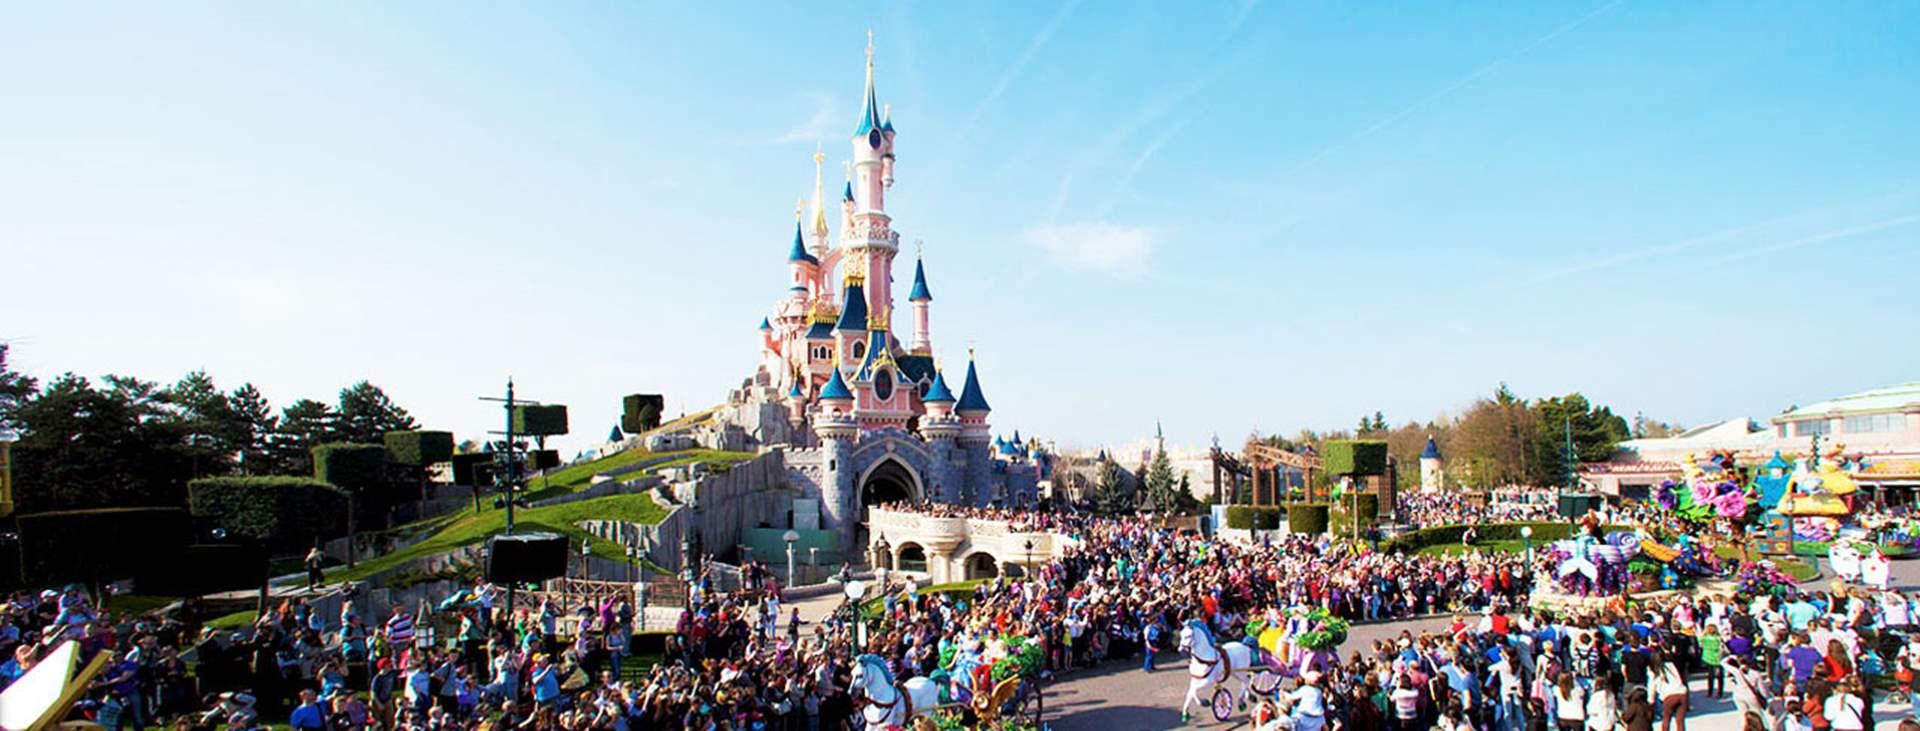 Lähde lastesi kanssa hurvittelemaan Disneyland® Paris -huvipuistoon! Varaa matkasi Tjäreborgilta.